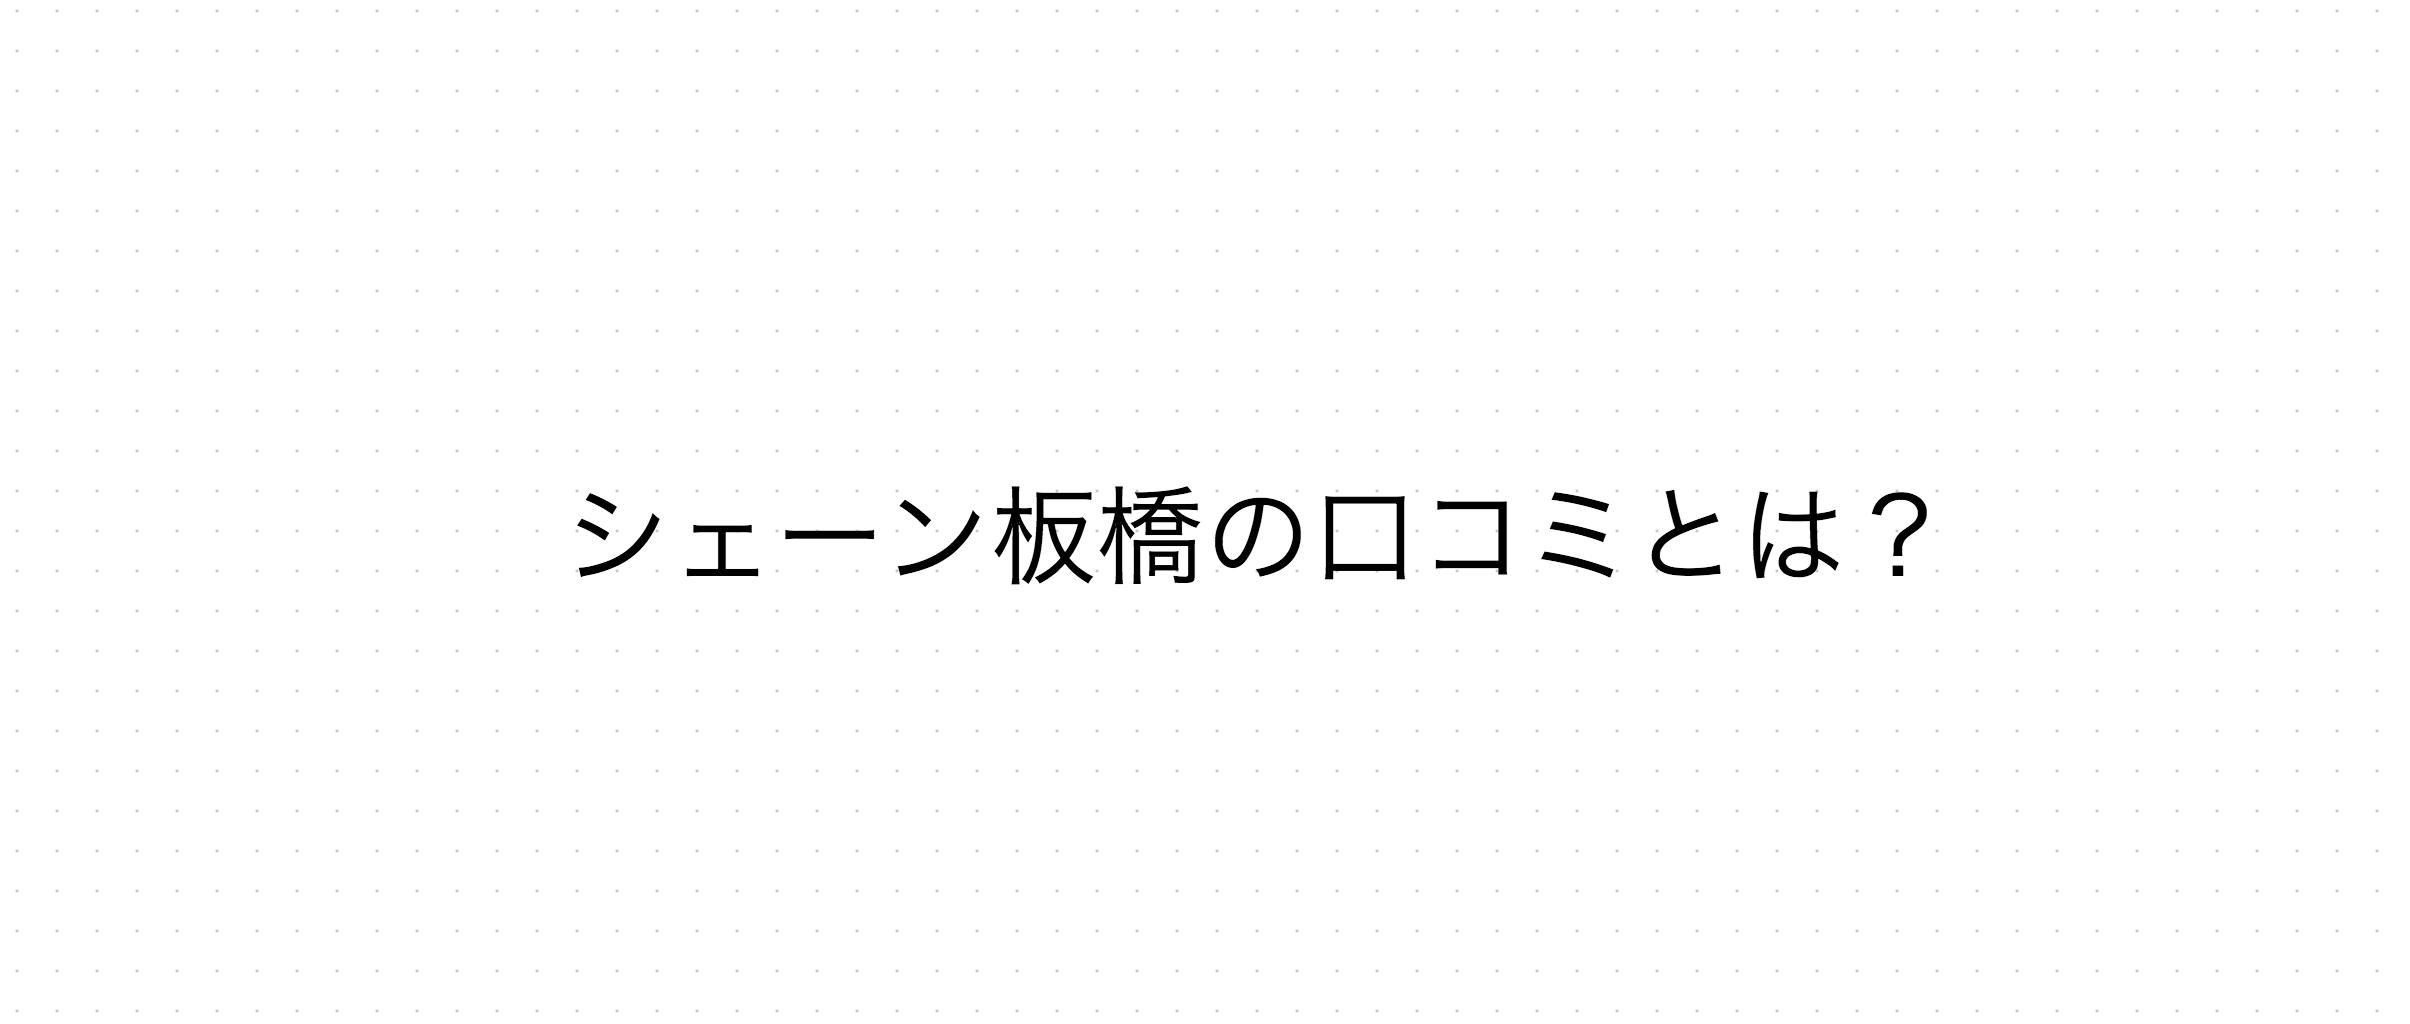 【口コミ・評判】シェーン英会話板橋校まとめ!効果と体験談を検証してみた!